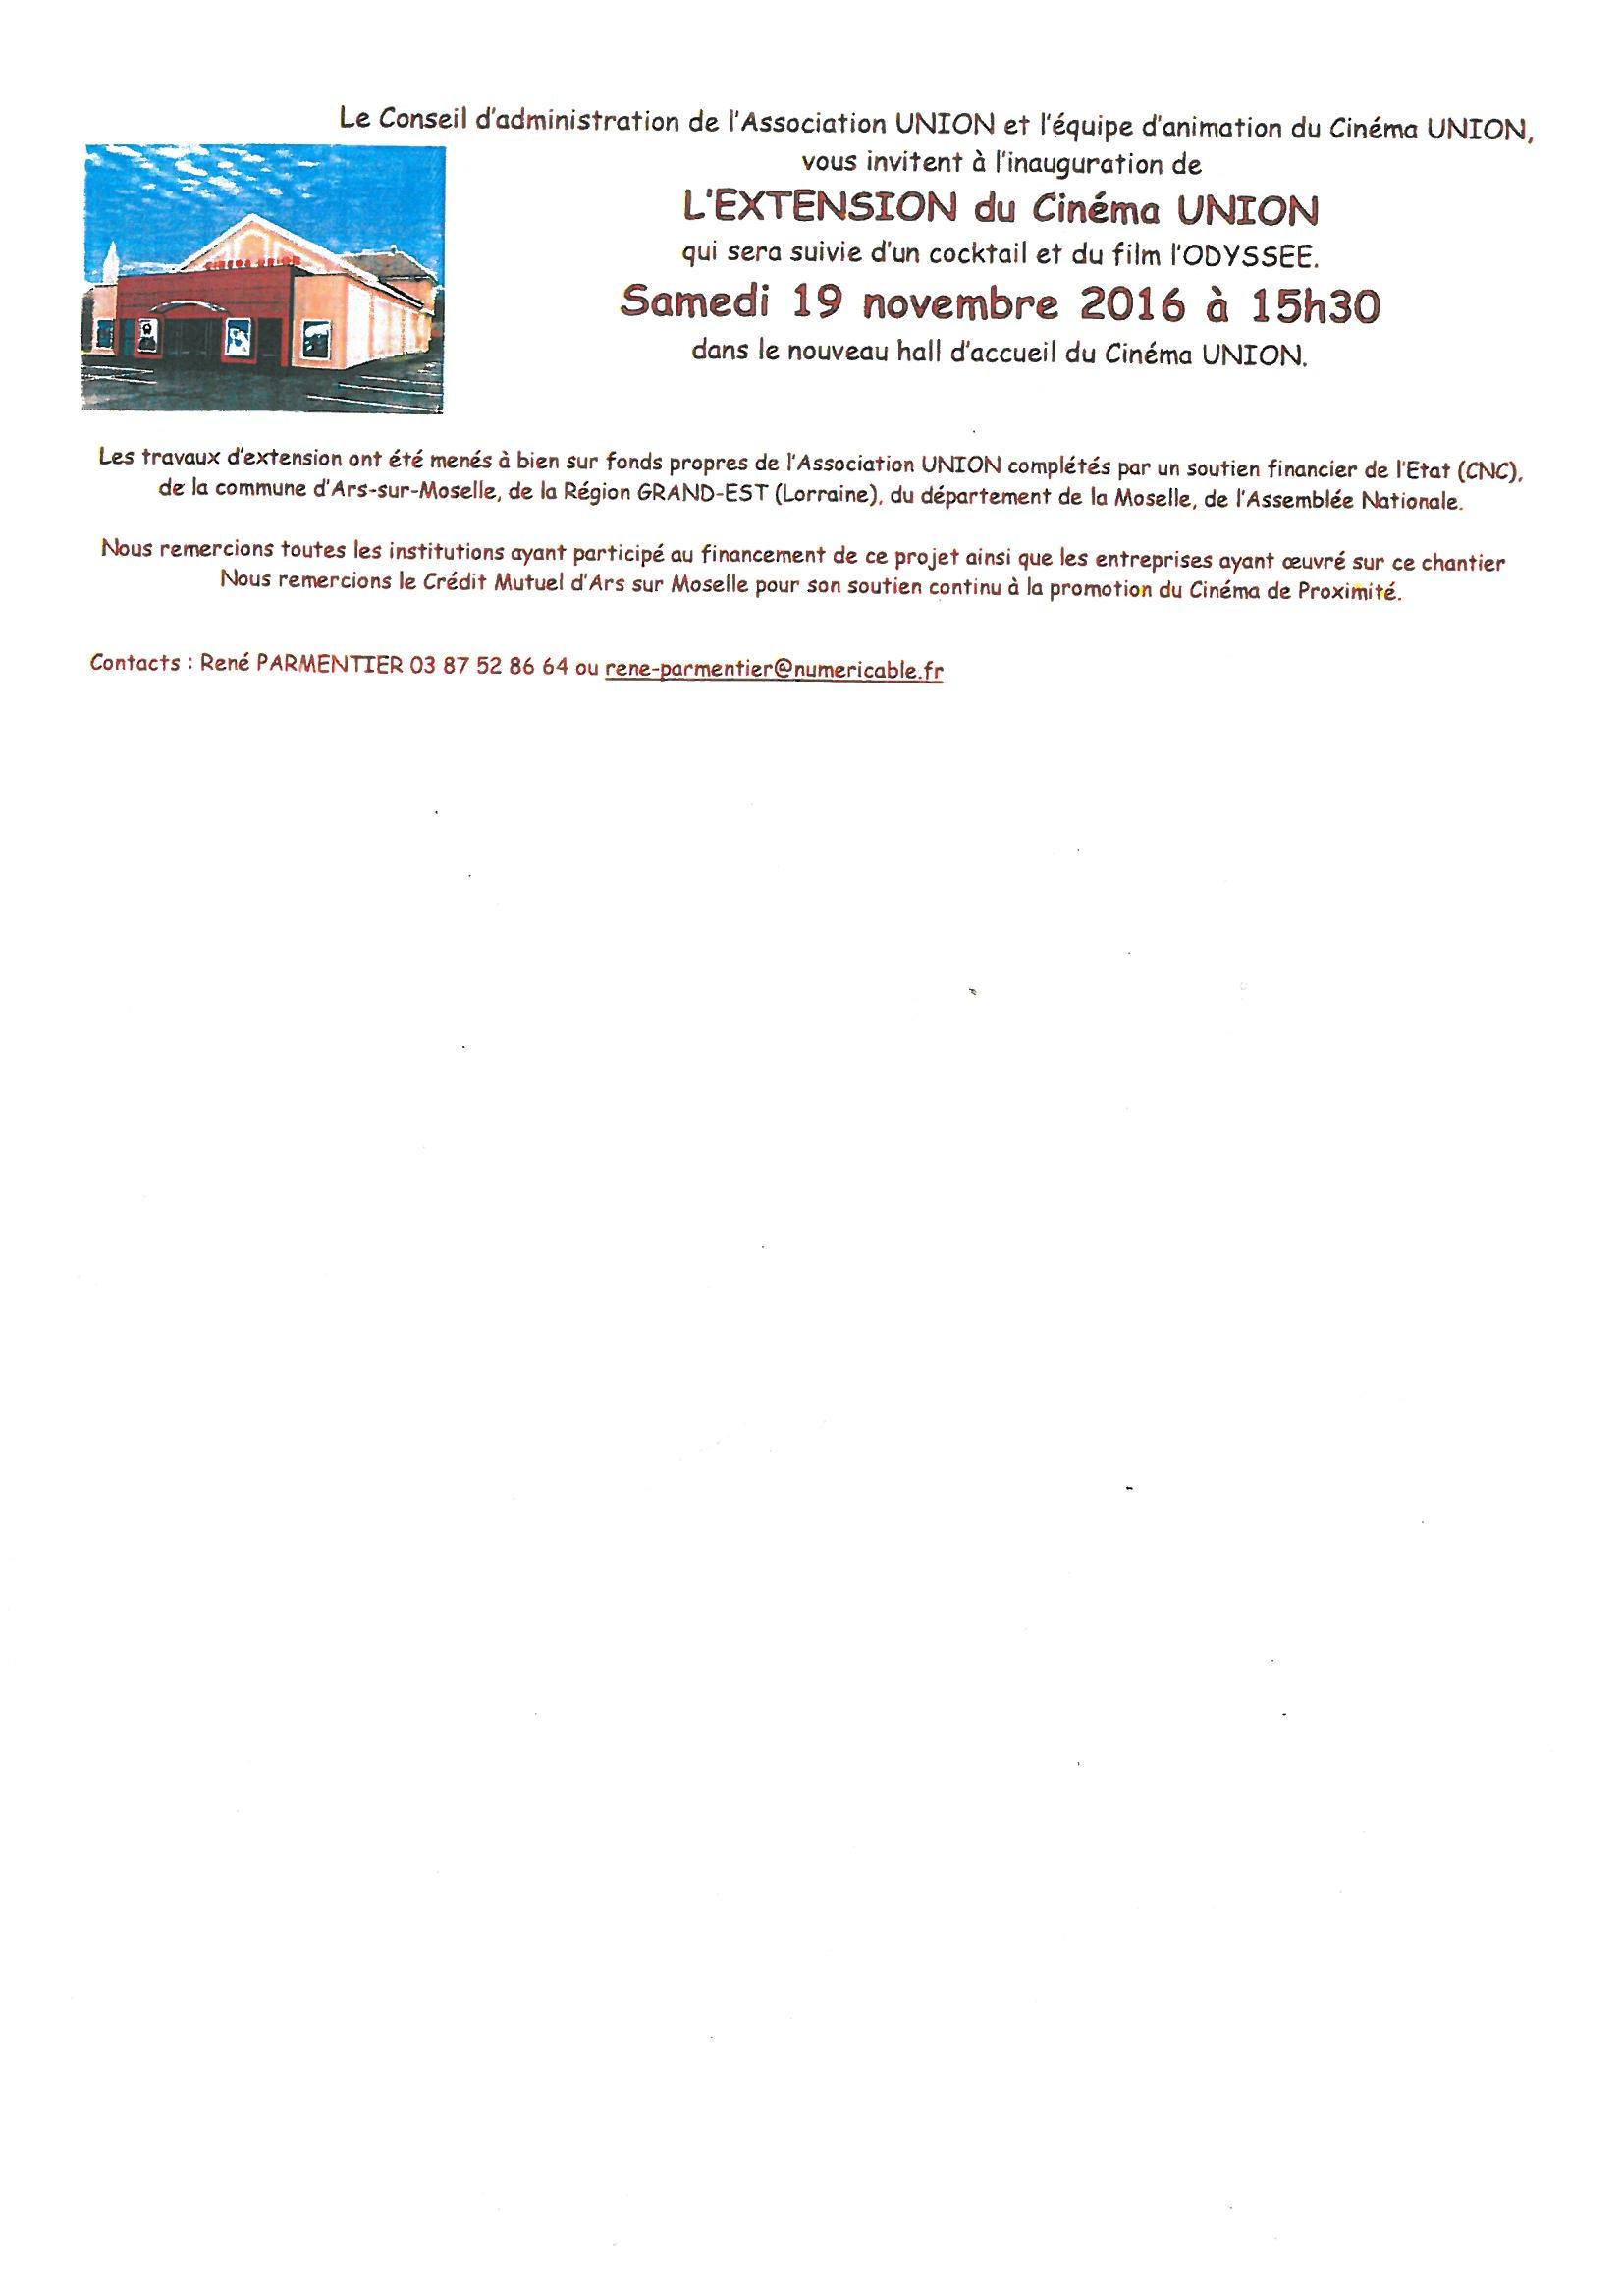 INAUGURATION de l'EXTENSION du CINEMA UNION samedi 19 novembre